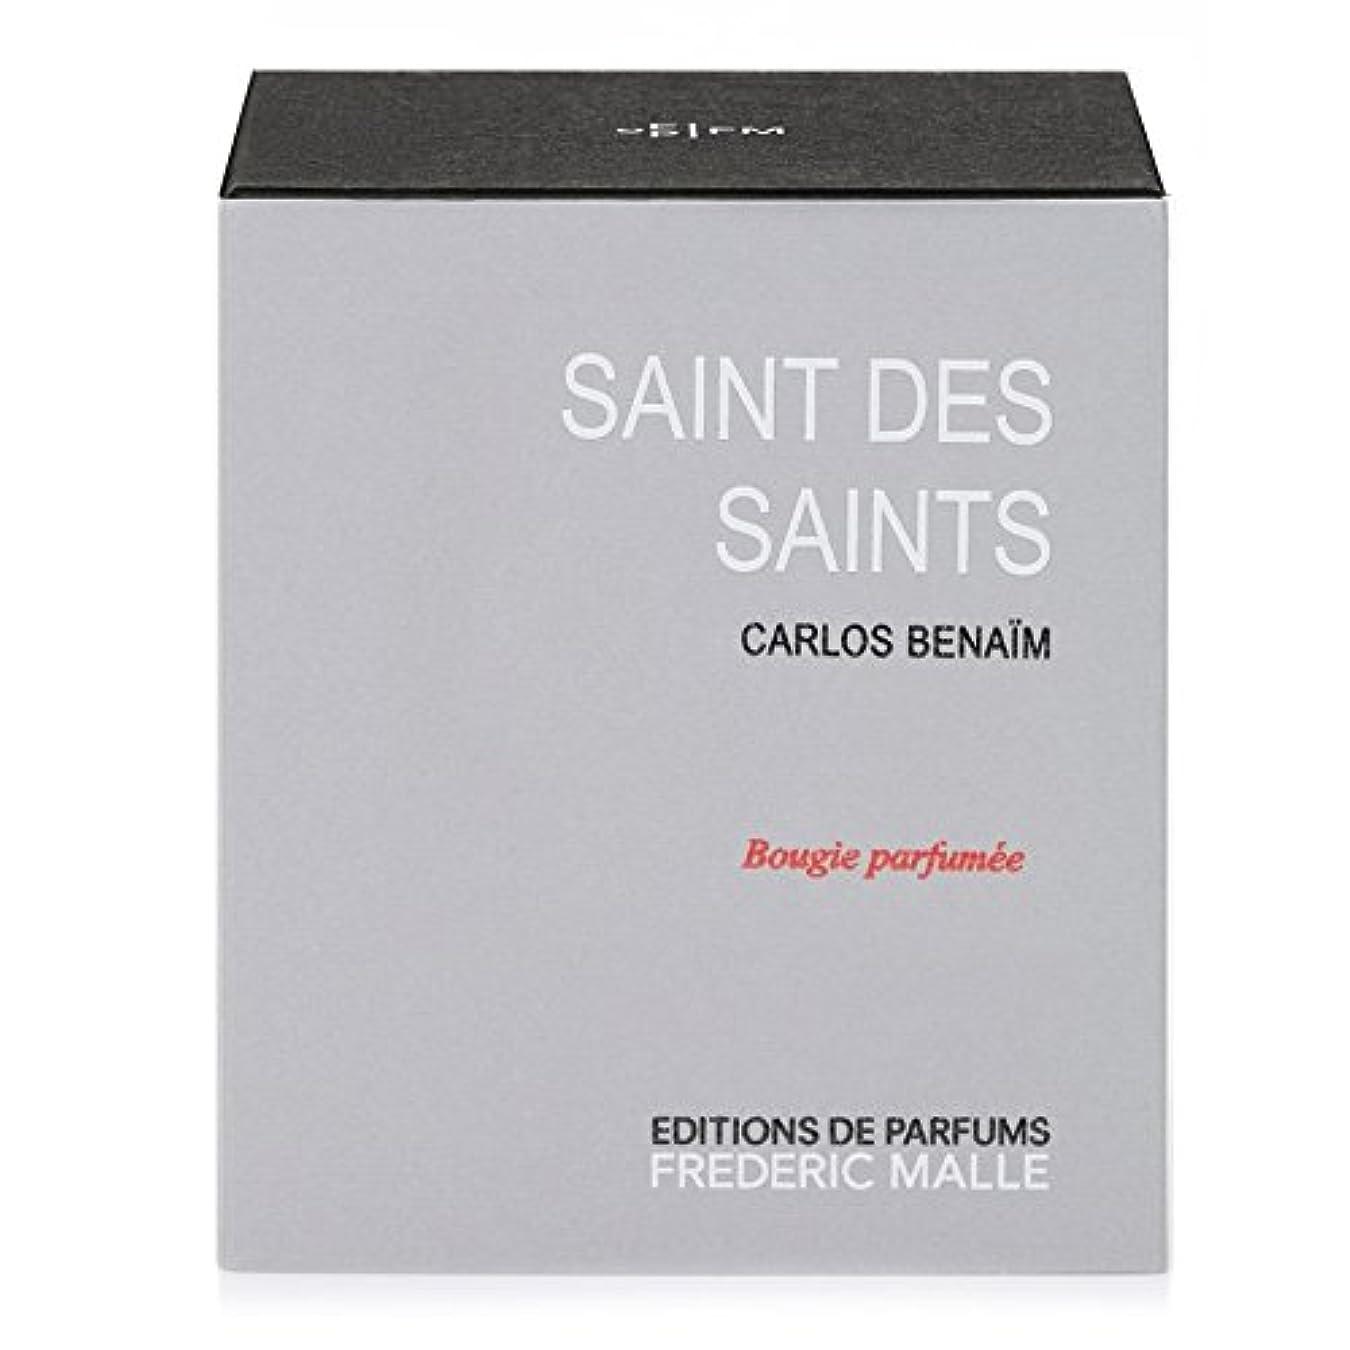 マイクロタフ付き添い人Frederic Malle Saint Des Saints Scented Candle 220g - フレデリック?マル聖人デ聖人の香りのキャンドル220グラム [並行輸入品]